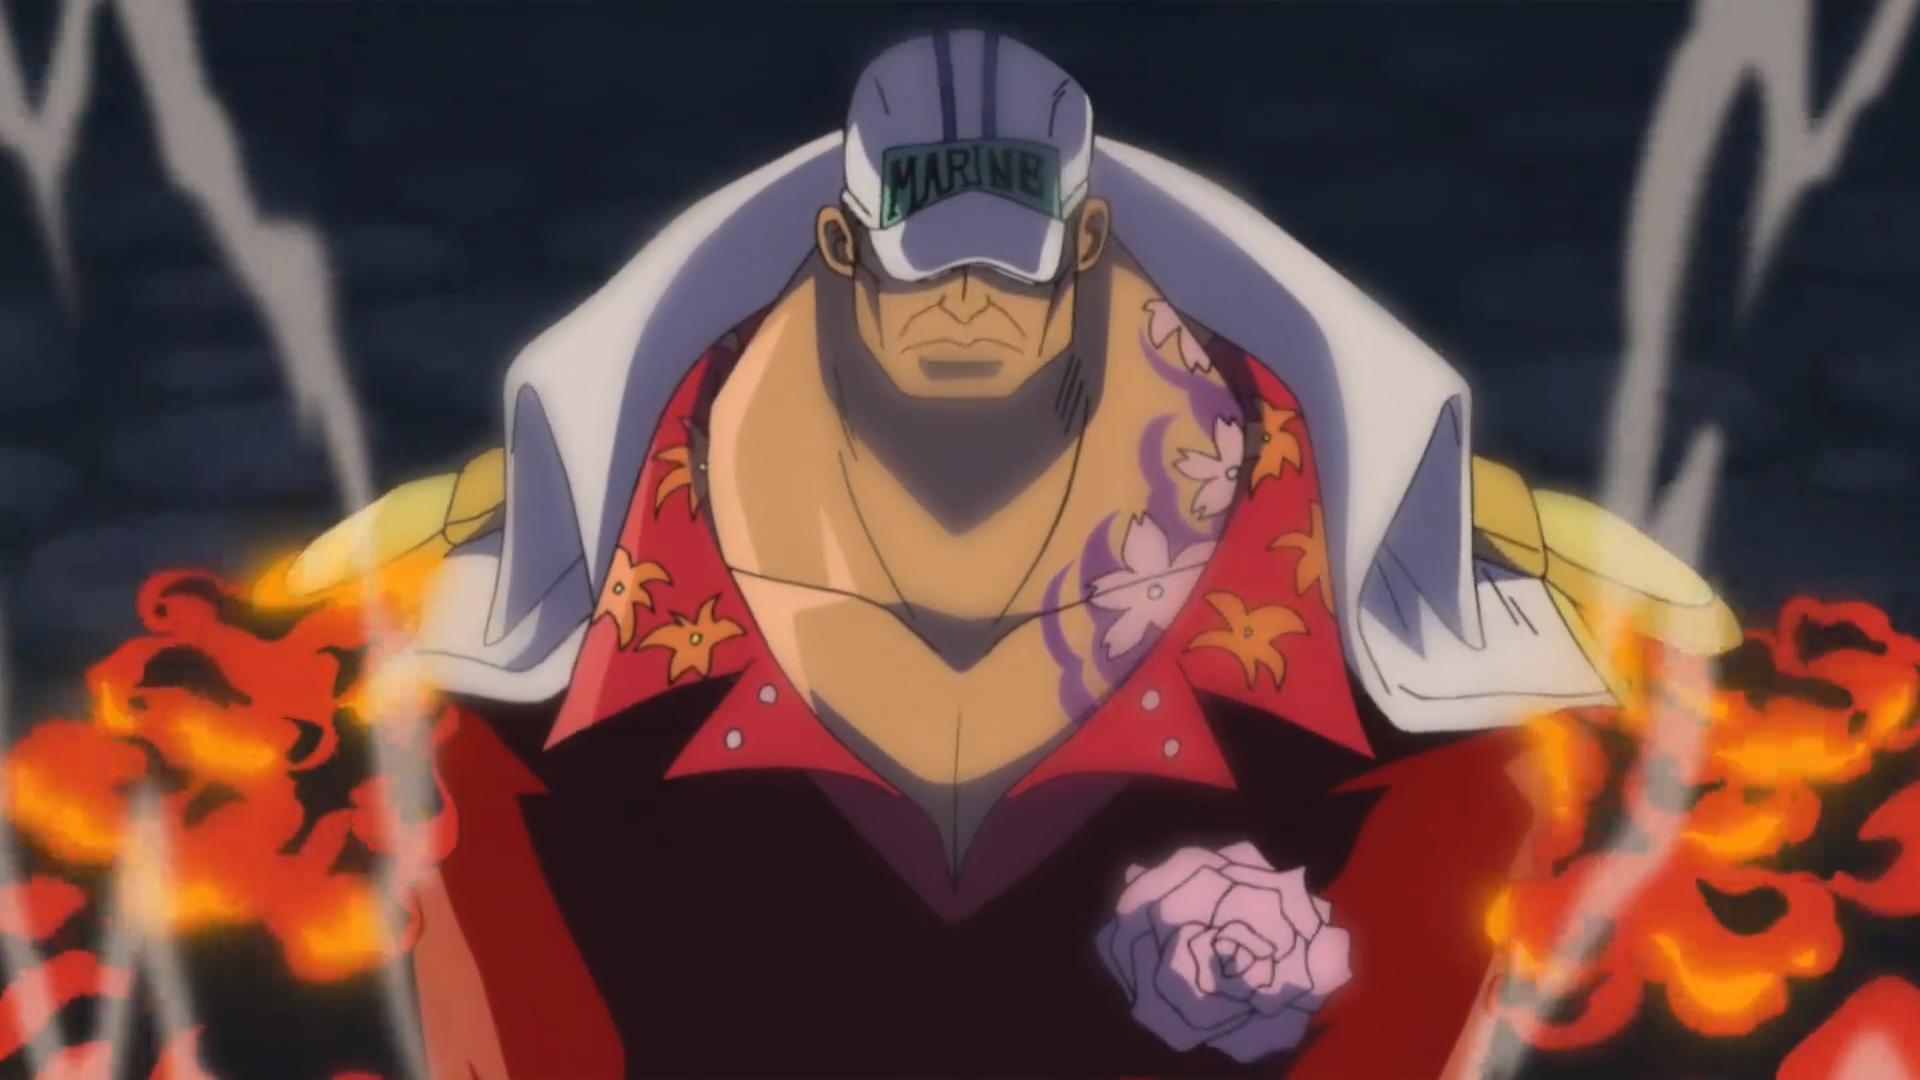 海賊王:攻擊力極高的5顆惡魔果實,震震果實與岩漿果實孰強孰弱